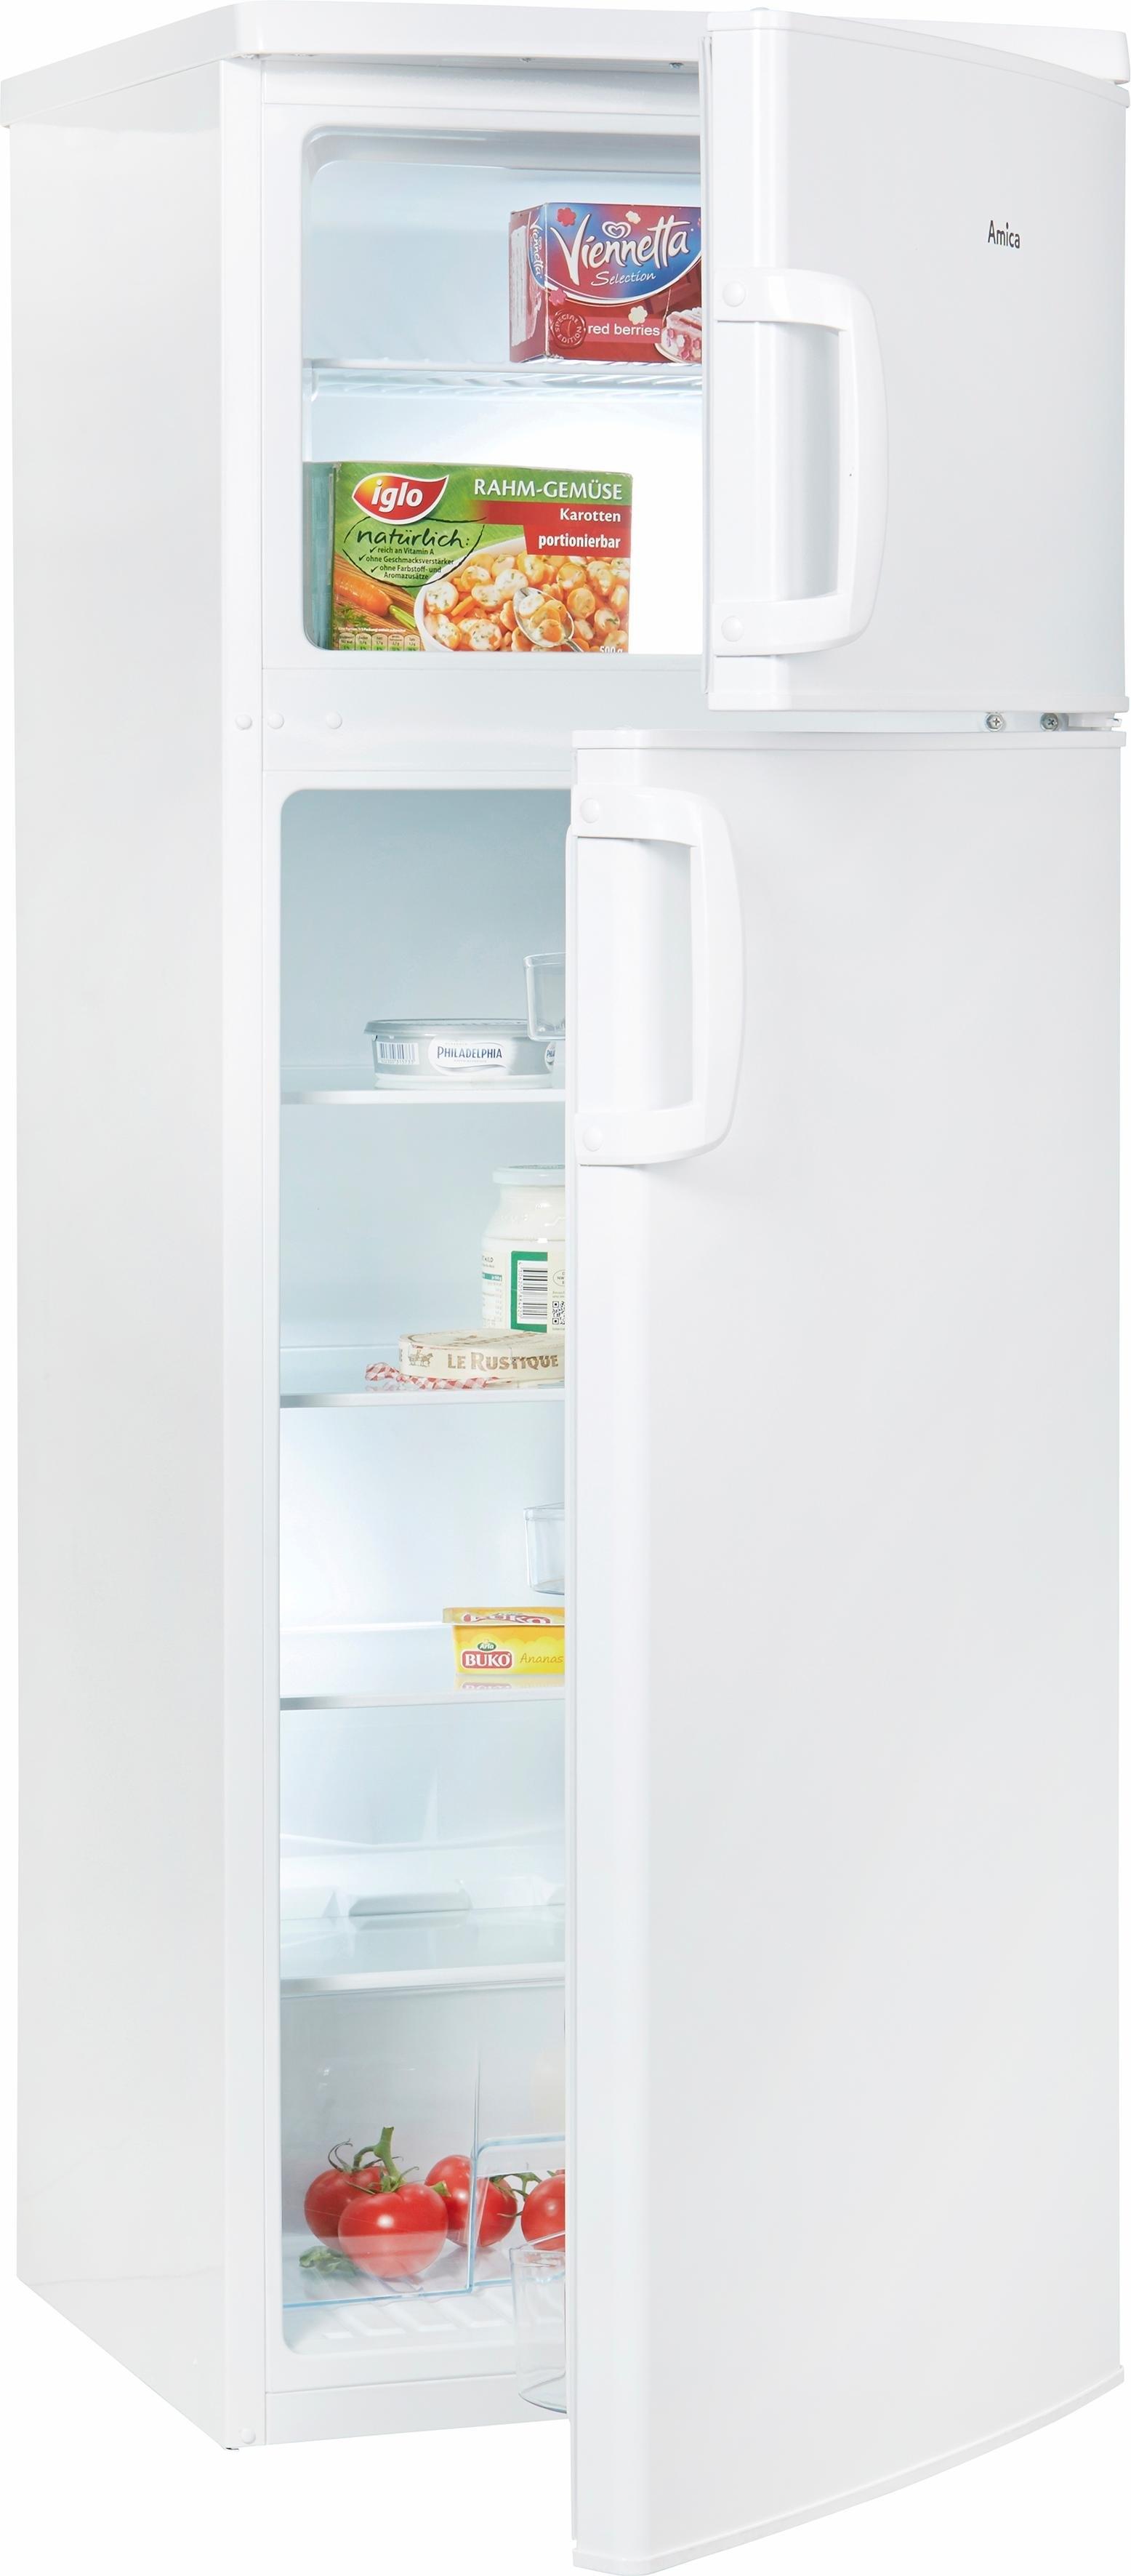 Amica koel-vriescombinatie KGC 15425 W, A++, 144 cm hoog bij OTTO online kopen